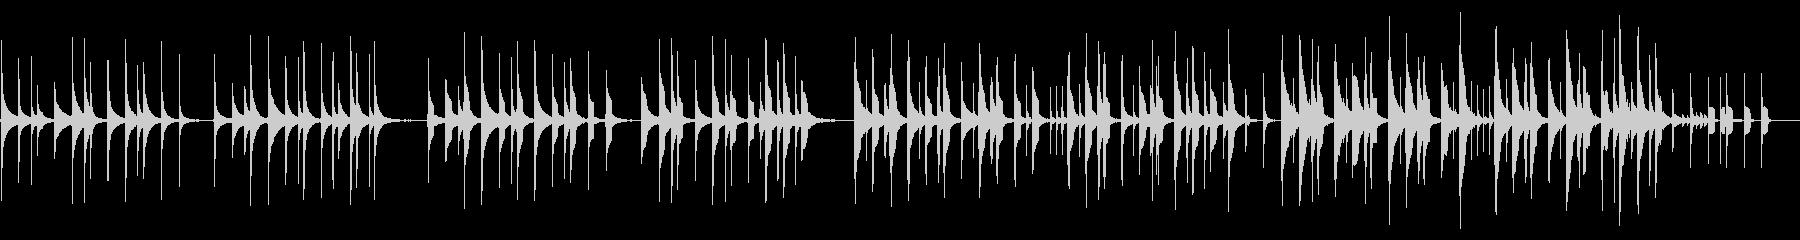 KANTほのぼのBGM2008291の未再生の波形